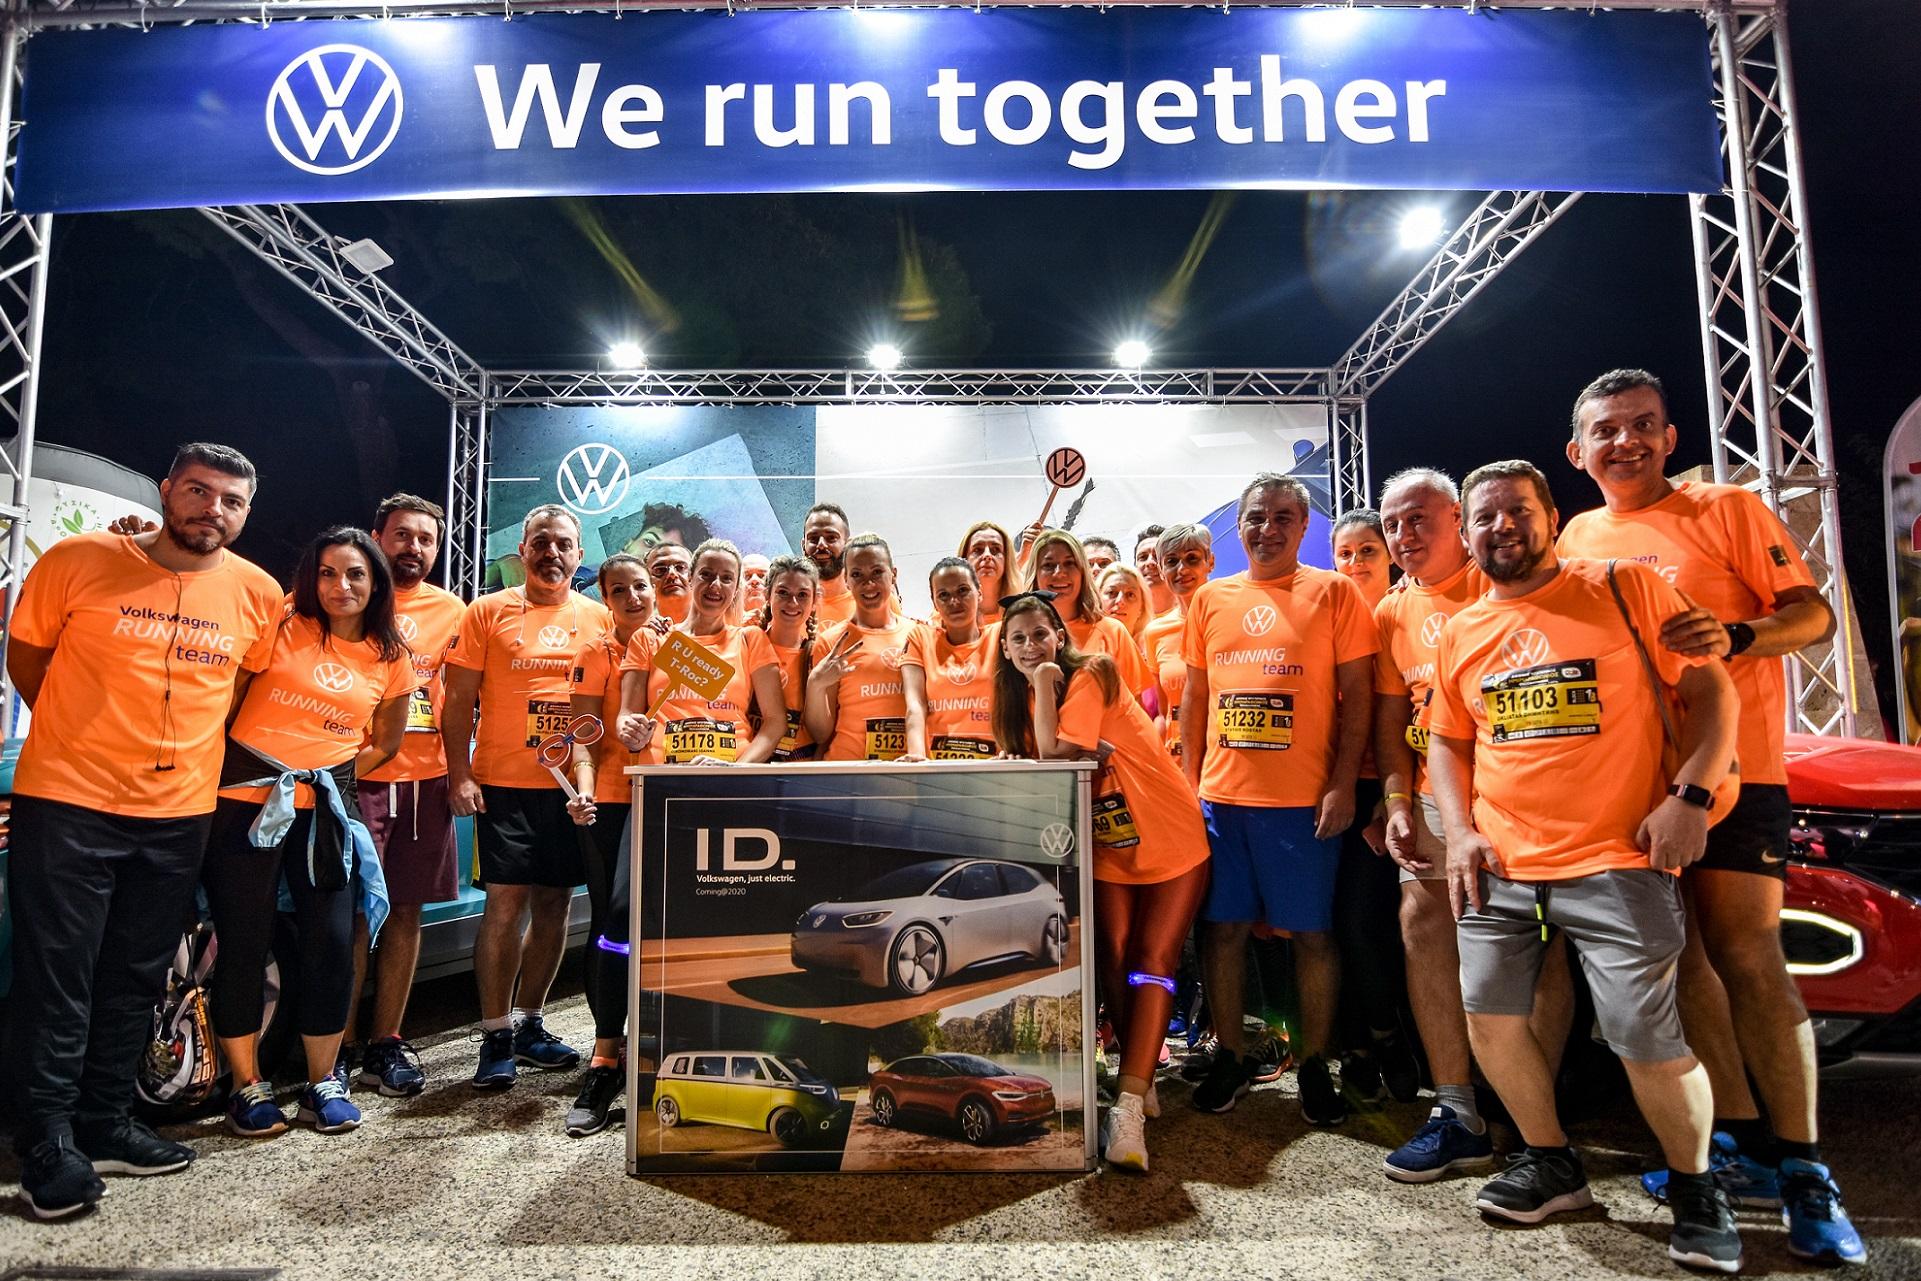 Η Volkswagen στον 8ο Διεθνή Νυχτερινό Ημιμαραθώνιο Θεσσαλονίκης